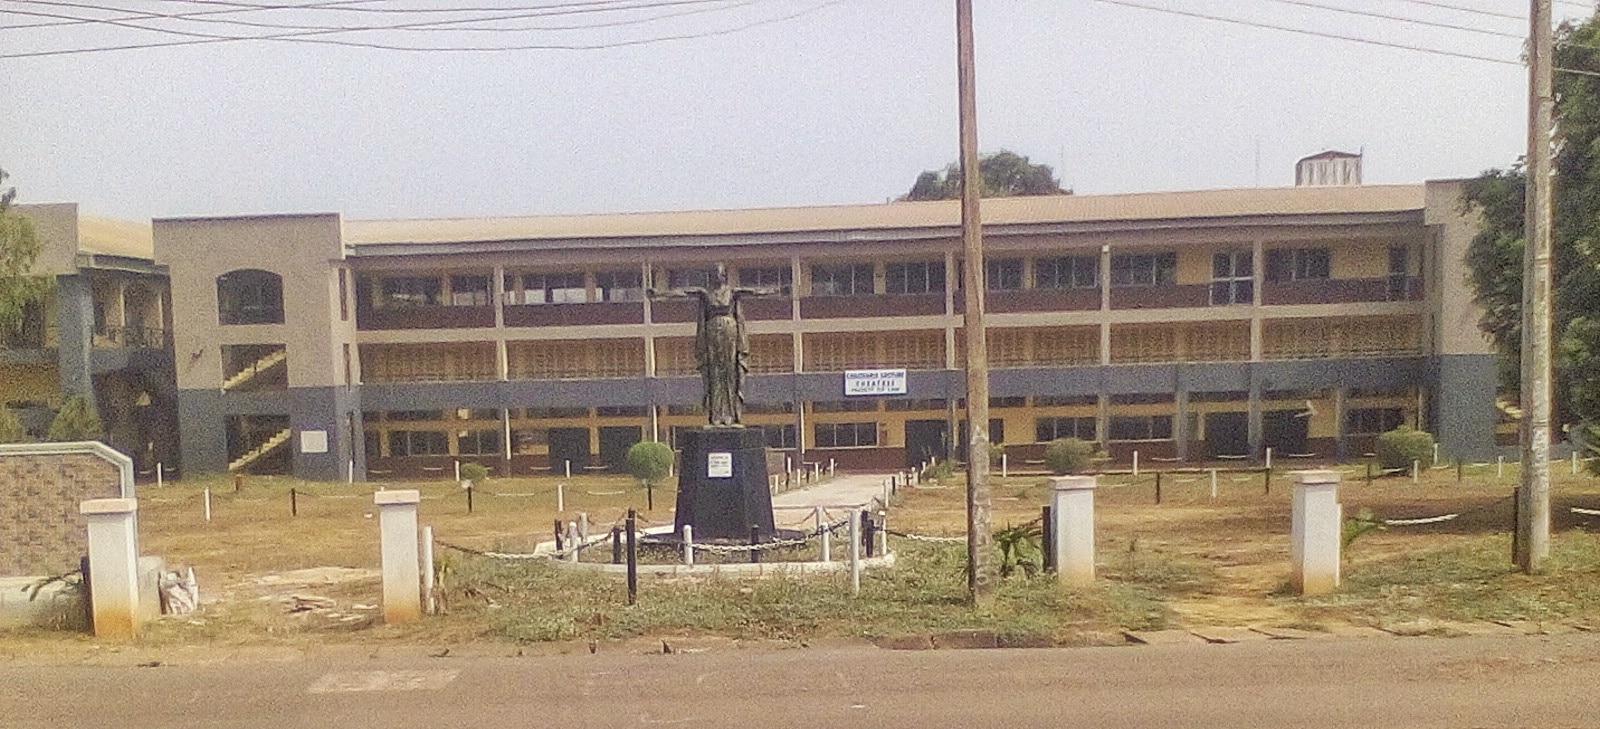 UNN law faculty